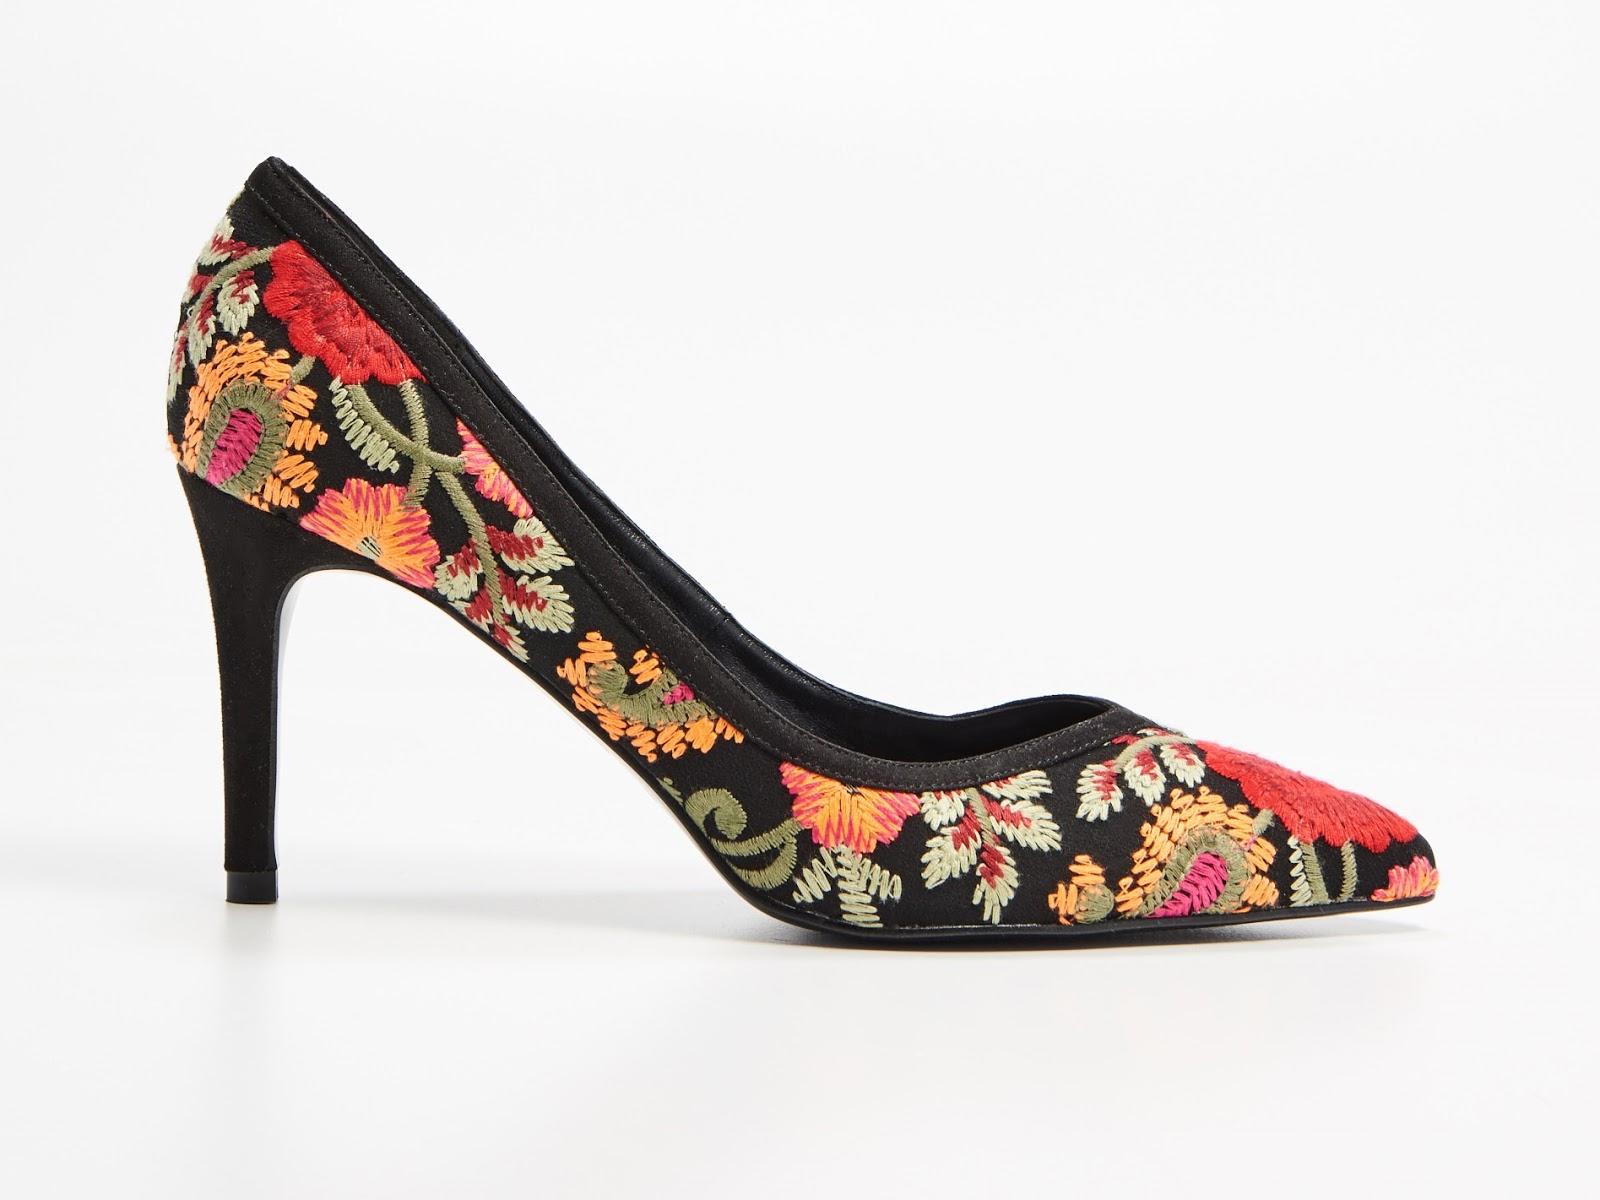 zapatos de tacón con bordado floral de MOHITO, marca polaca, moda polaca